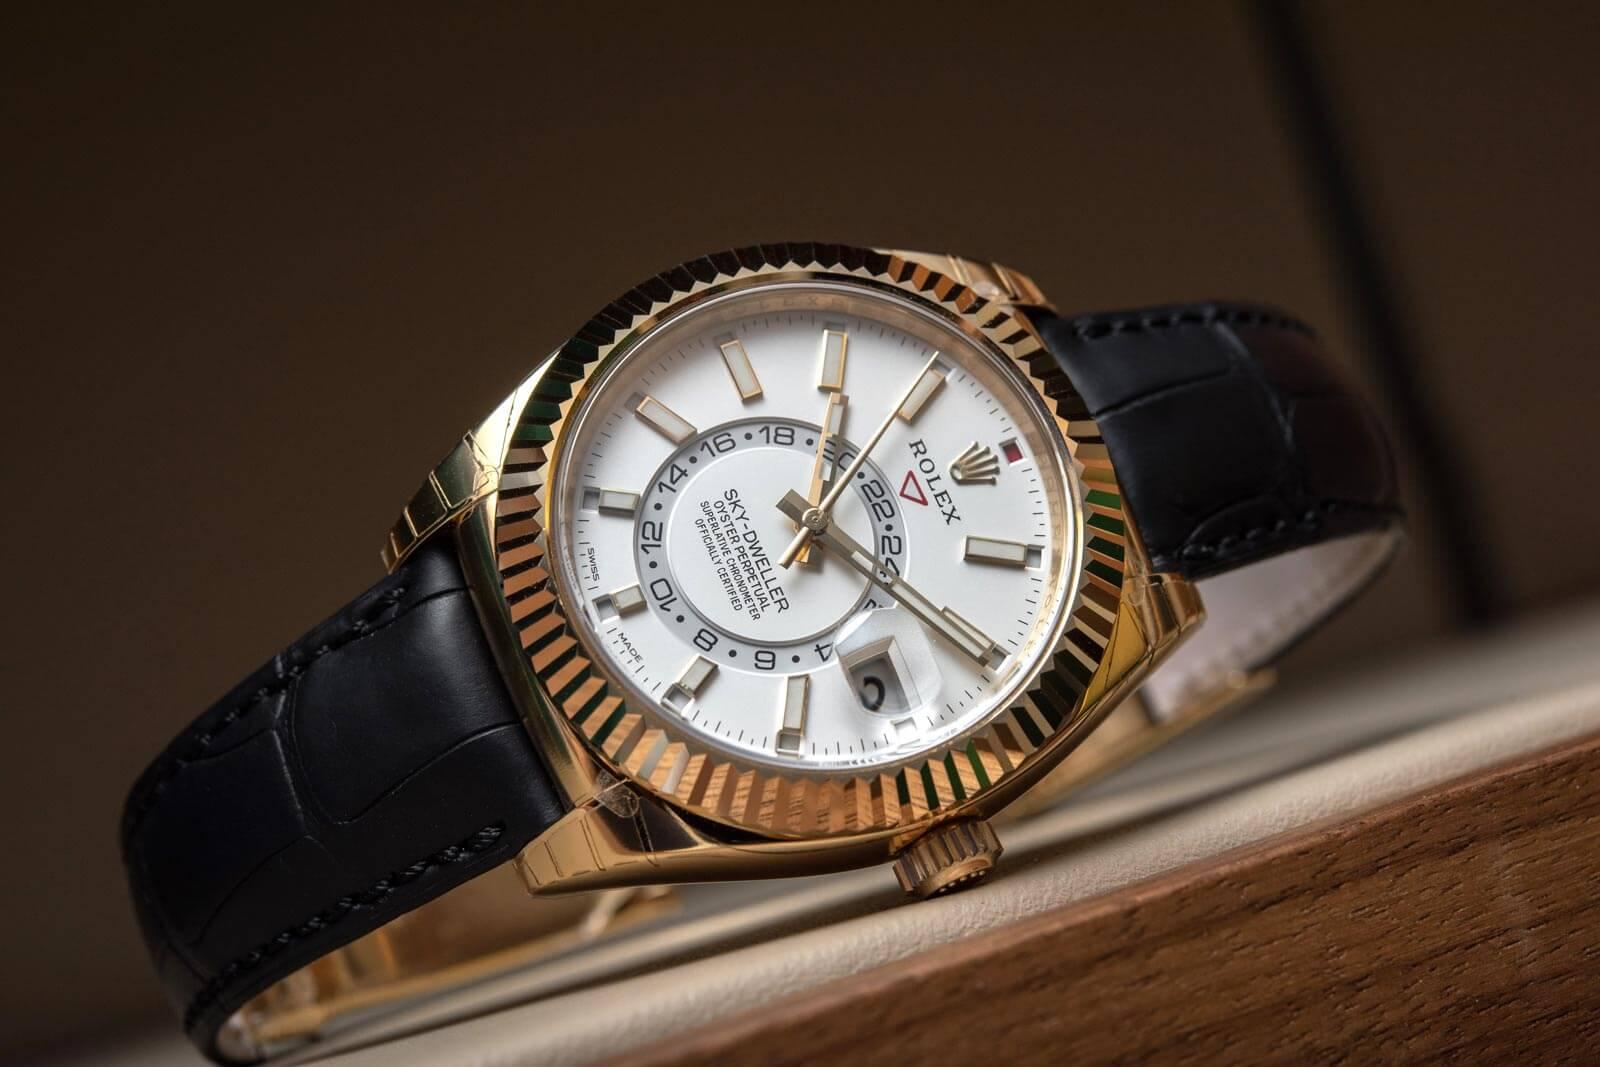 Rolex Sky-Dweller <br> Referenca 326138